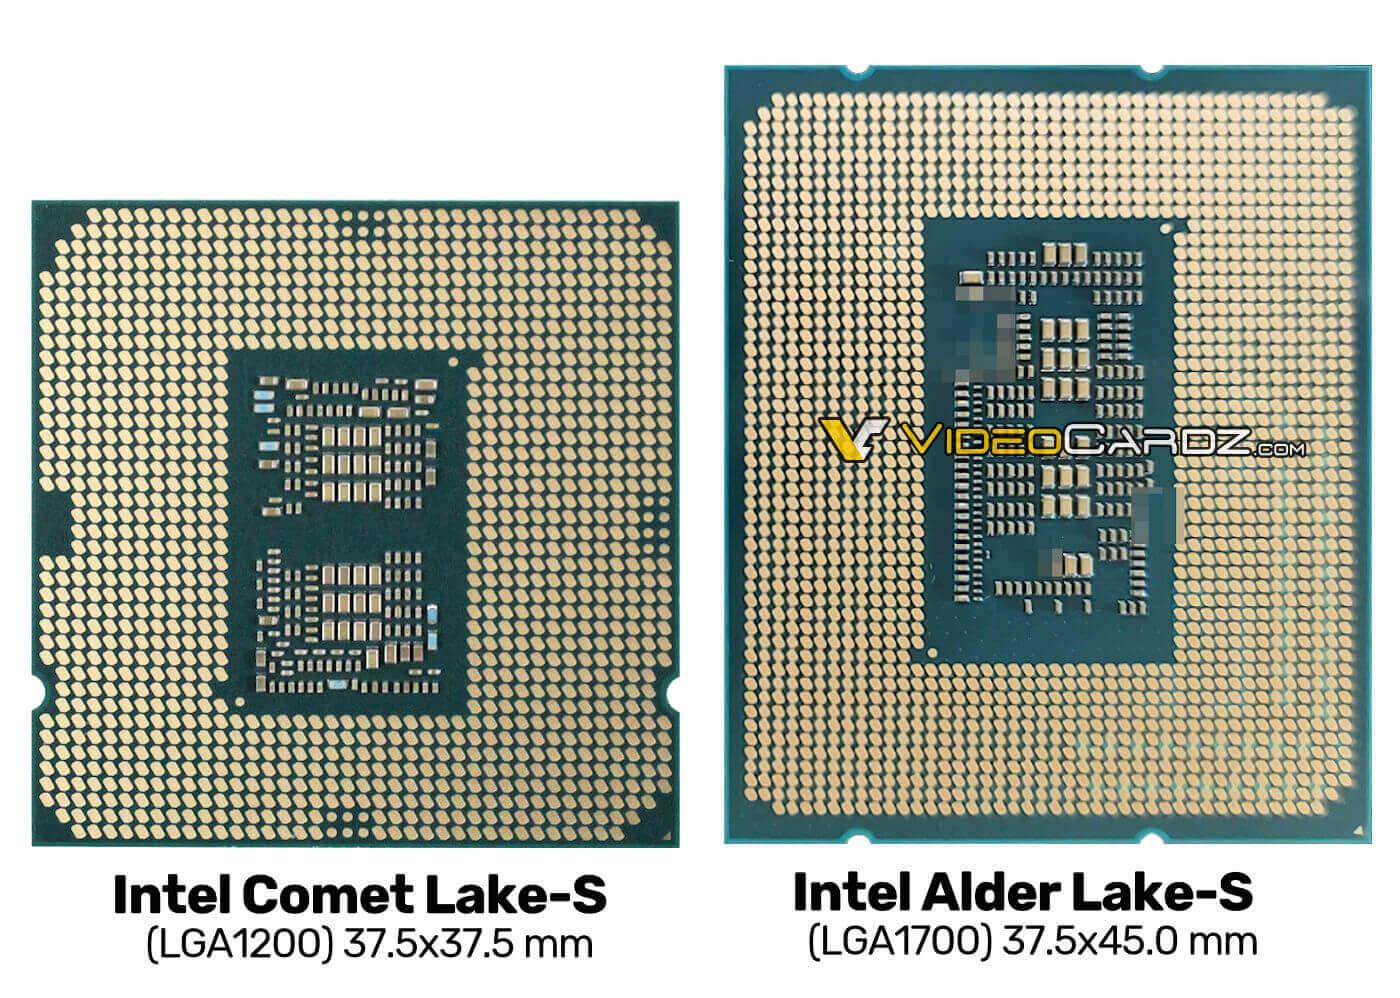 Intel roadmap-1